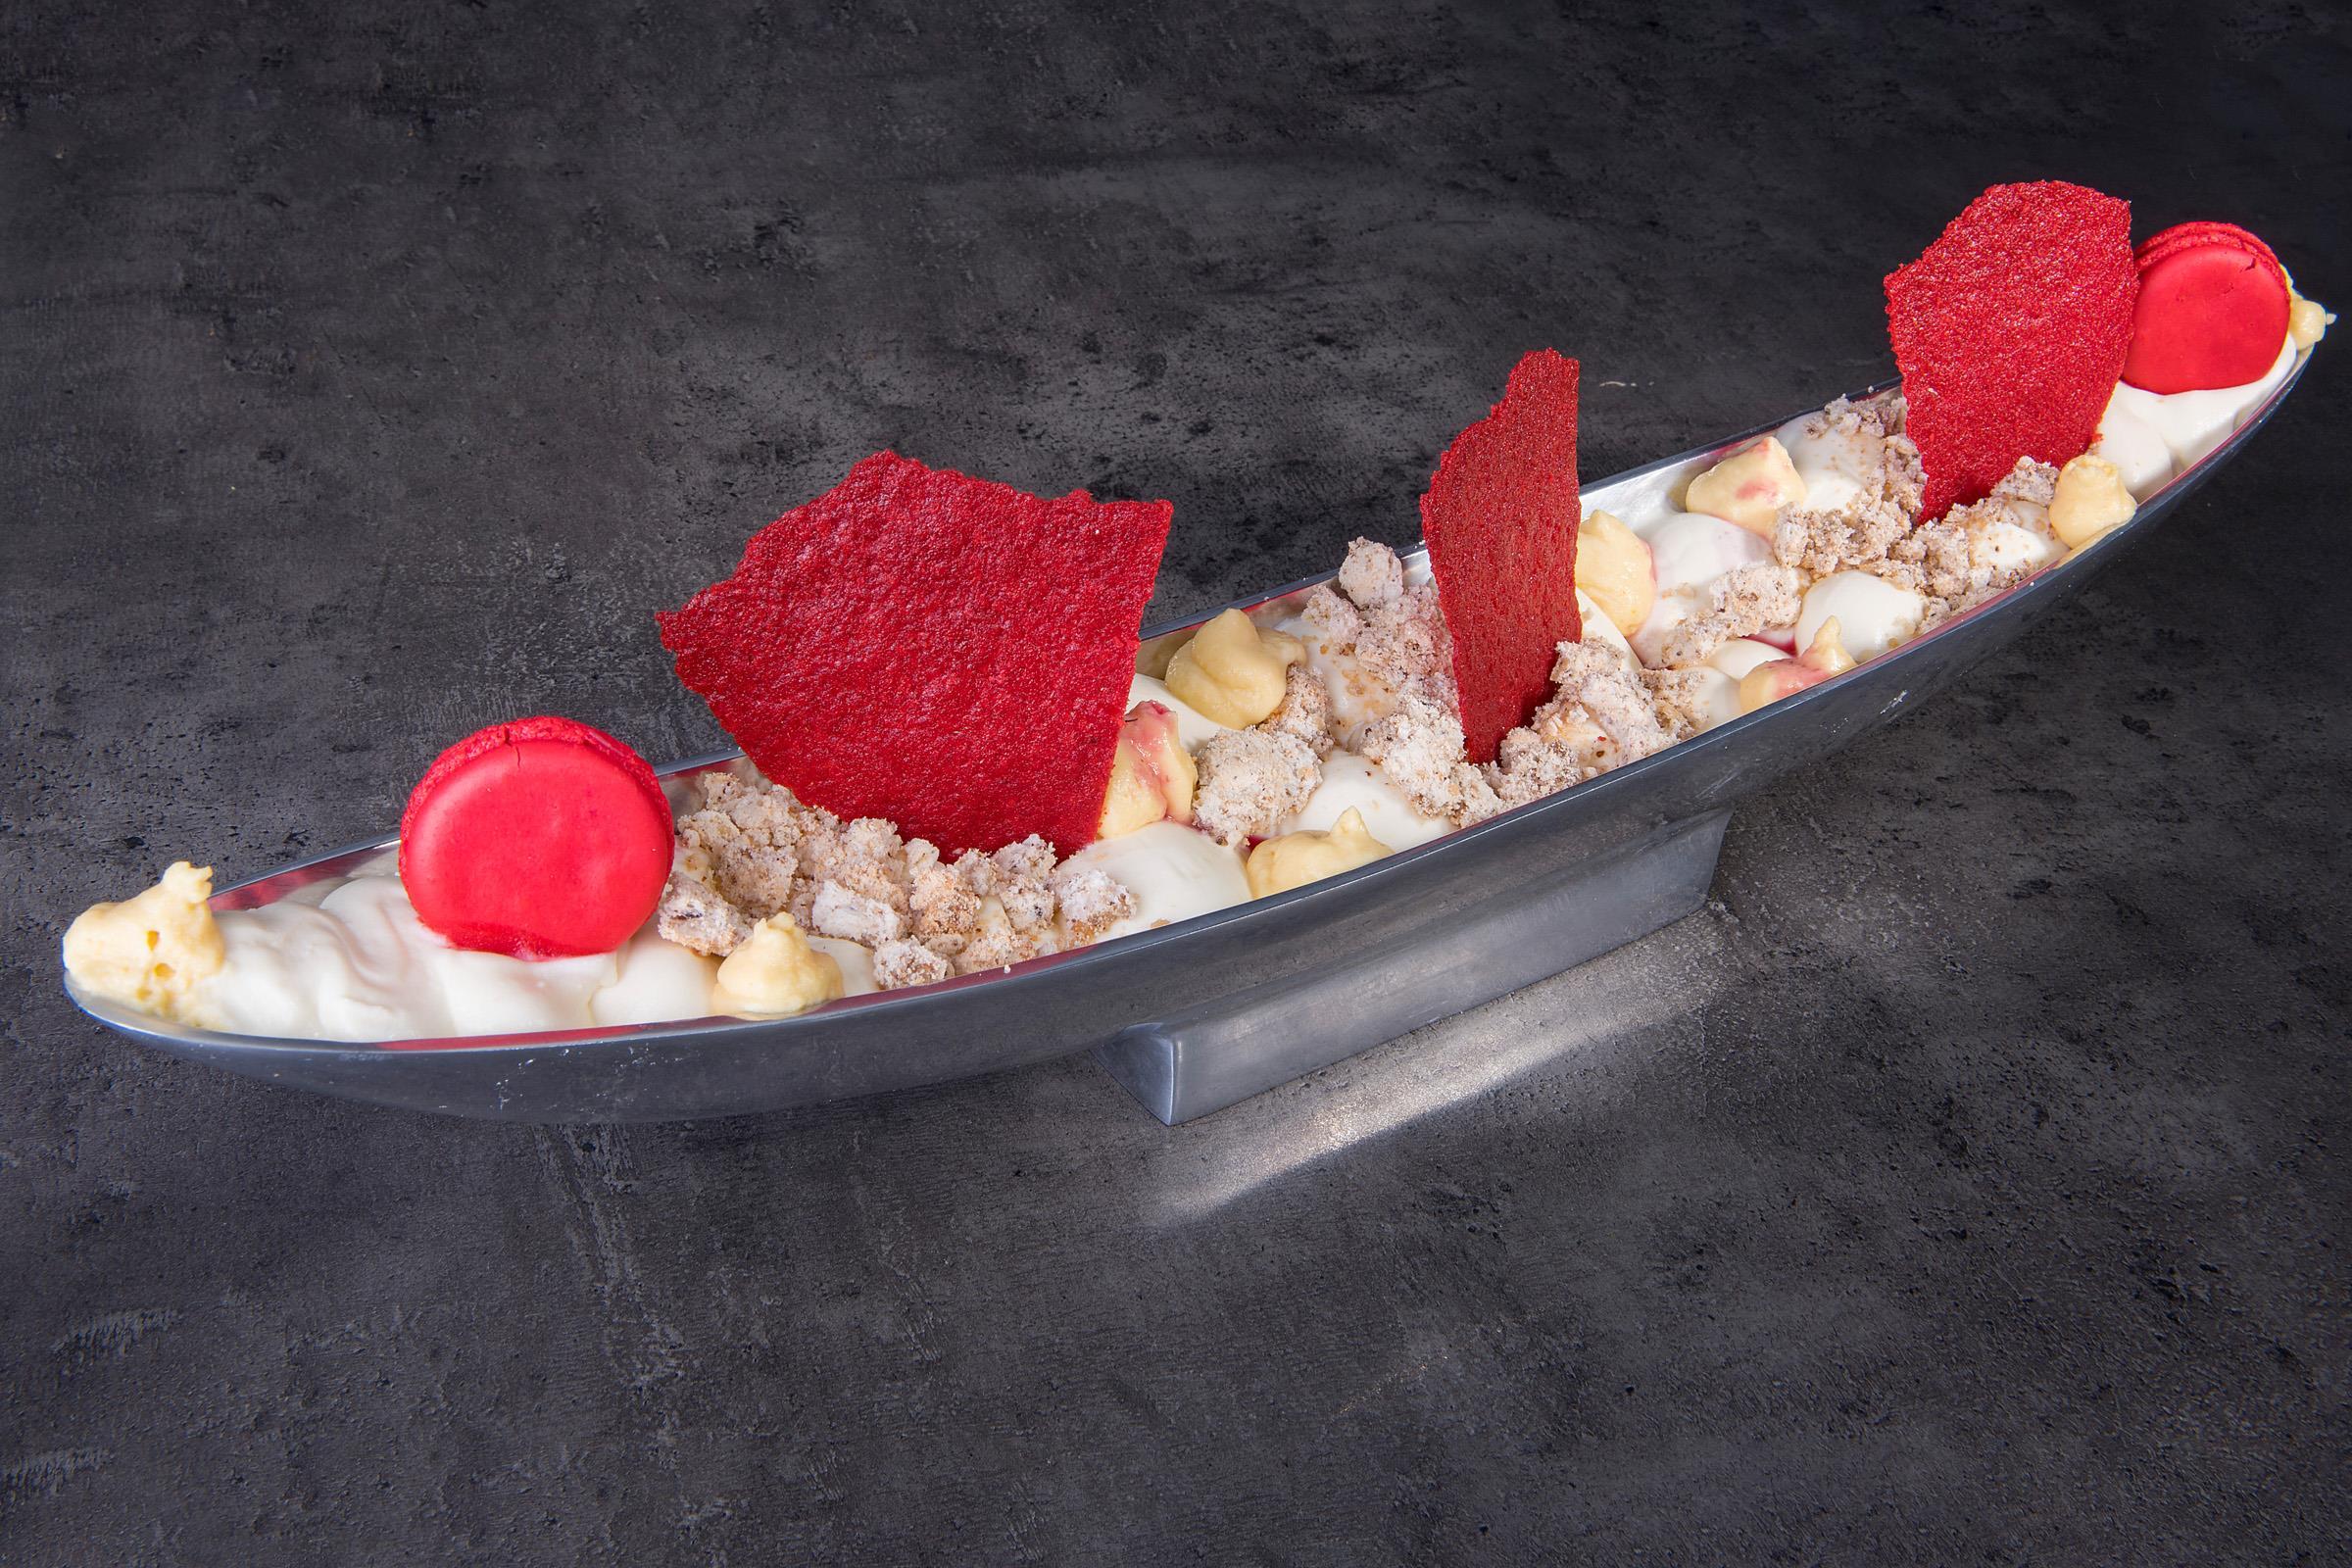 מסעדת פריים פריים קינוח זוגי 69שח צילום אור גפן